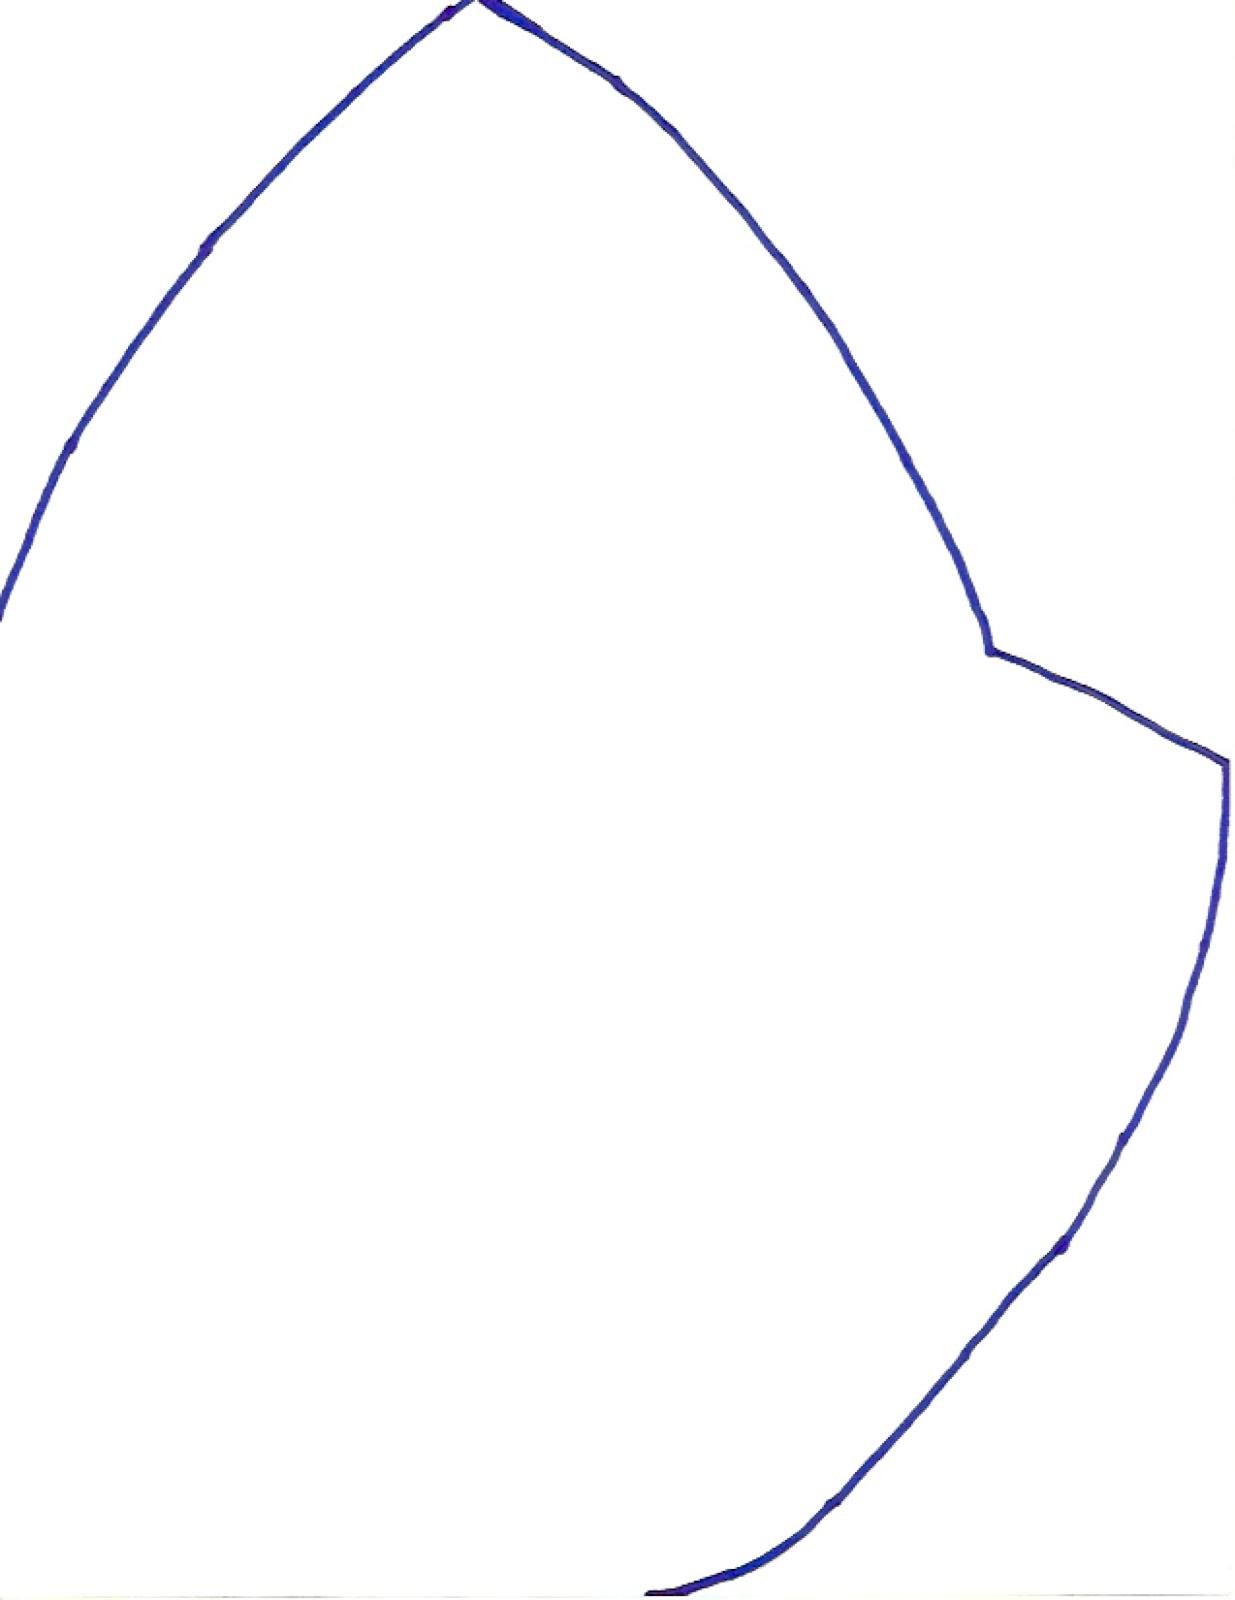 Juicy image with peter pan hat pattern printable